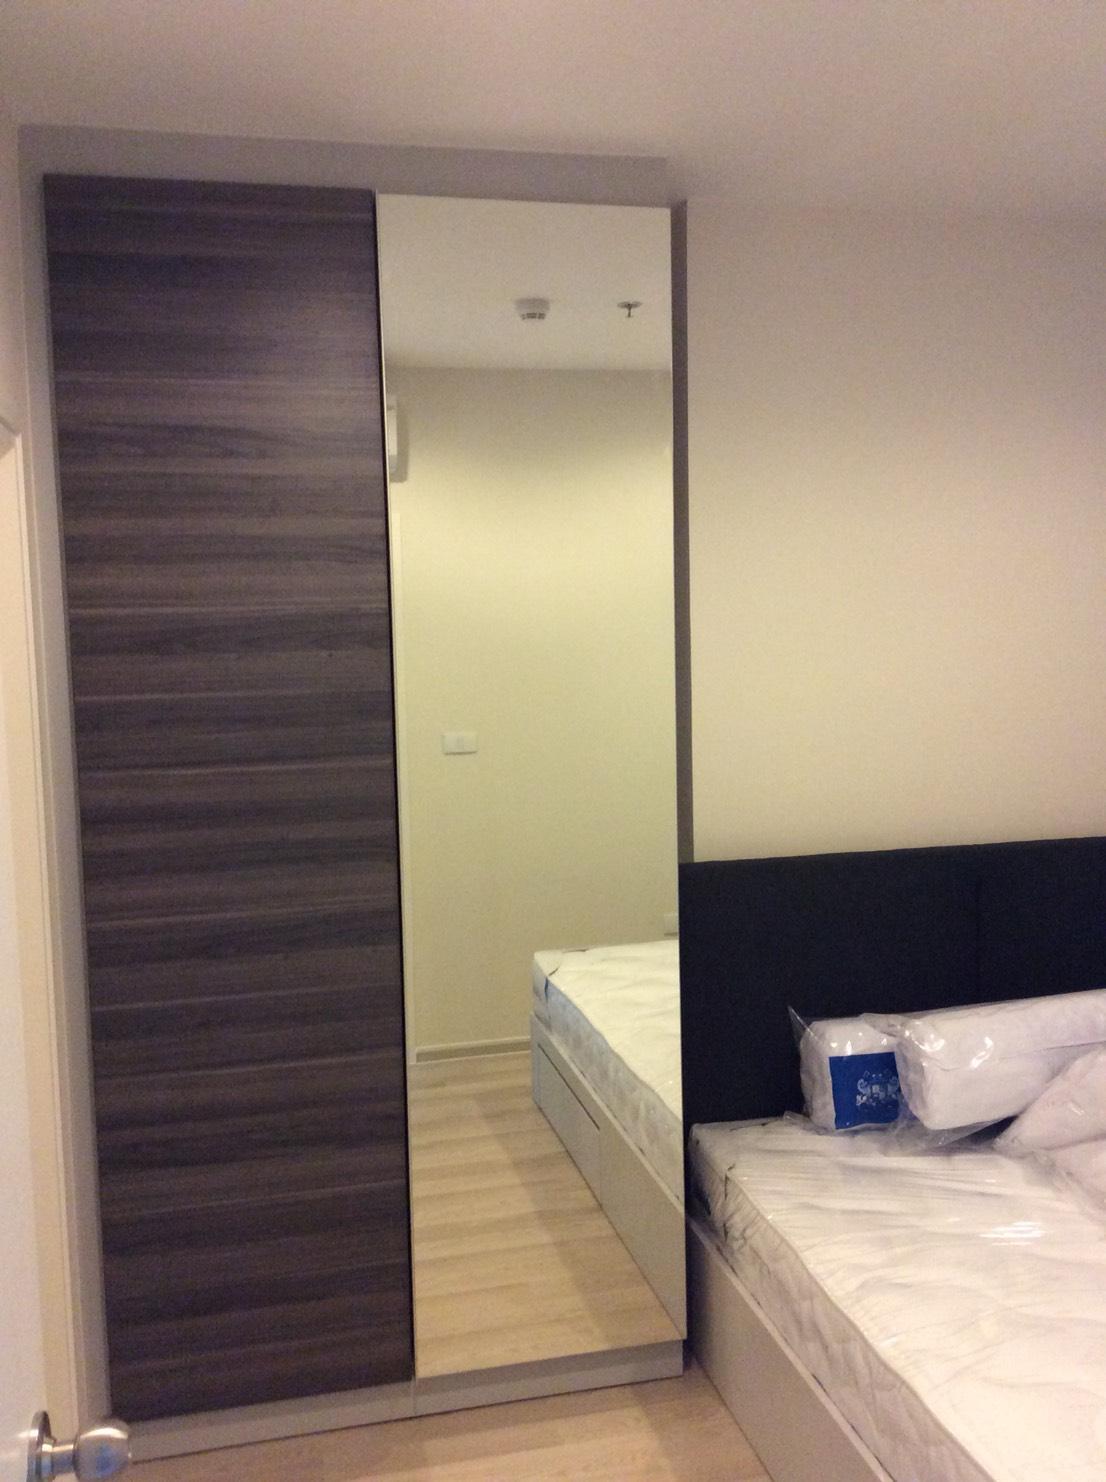 ขายห้องที่คอนโดเซ็นทริครัชดา-ห้วยขวาง ขนาด27.84ตารางเมตร 1ห้องนอน ใกล้สถานีรถไฟฟ้าห้วยขวาง